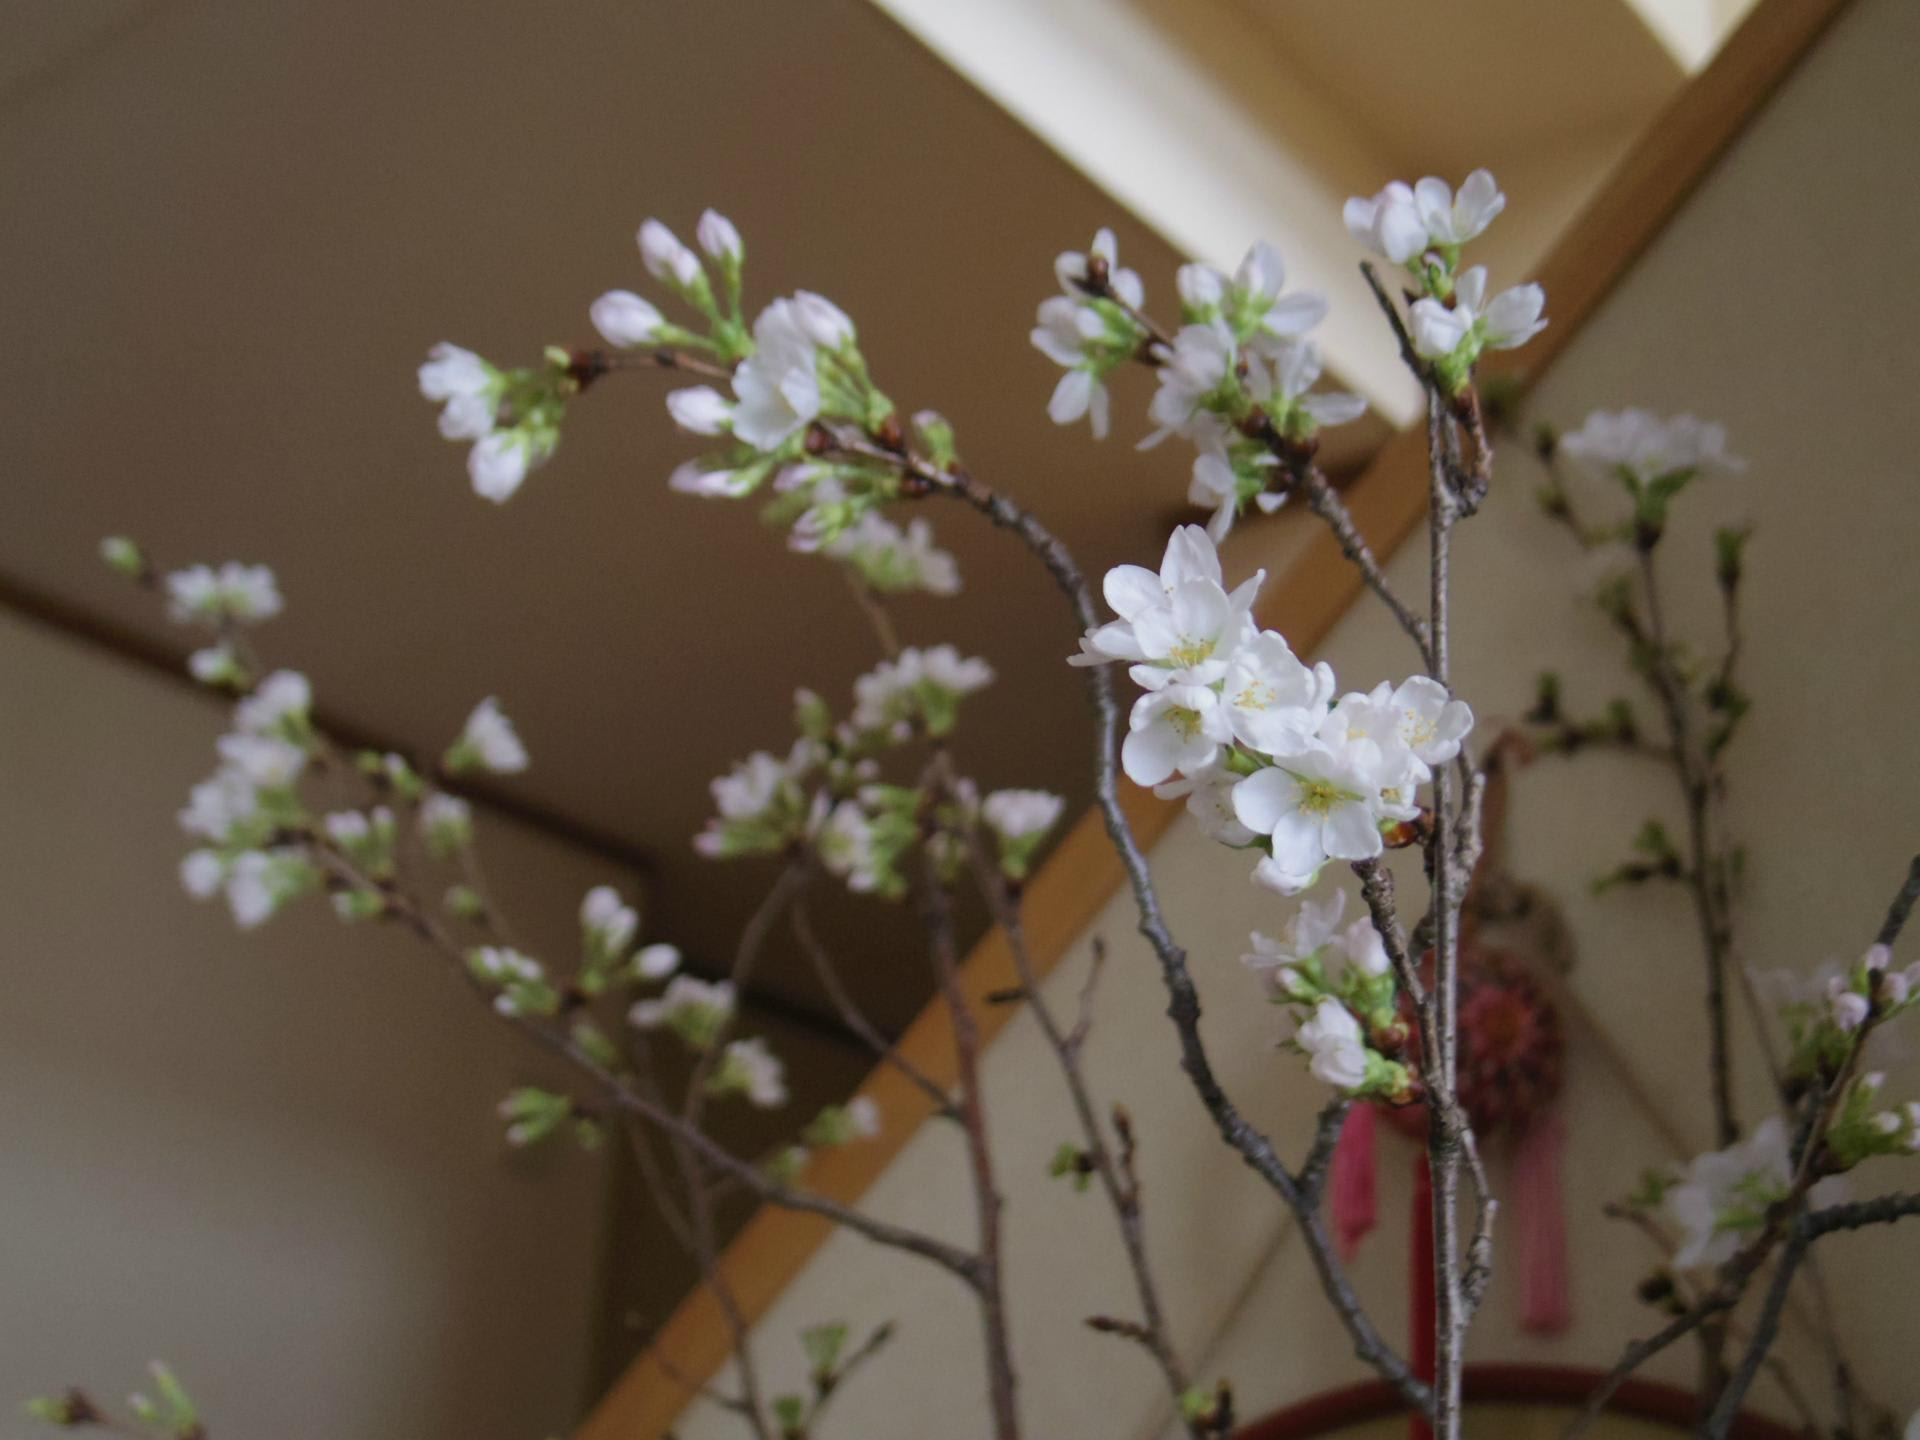 が 桜の たよ 咲き 花 の ぺんぺん草 まし ぺんぺん草の記憶